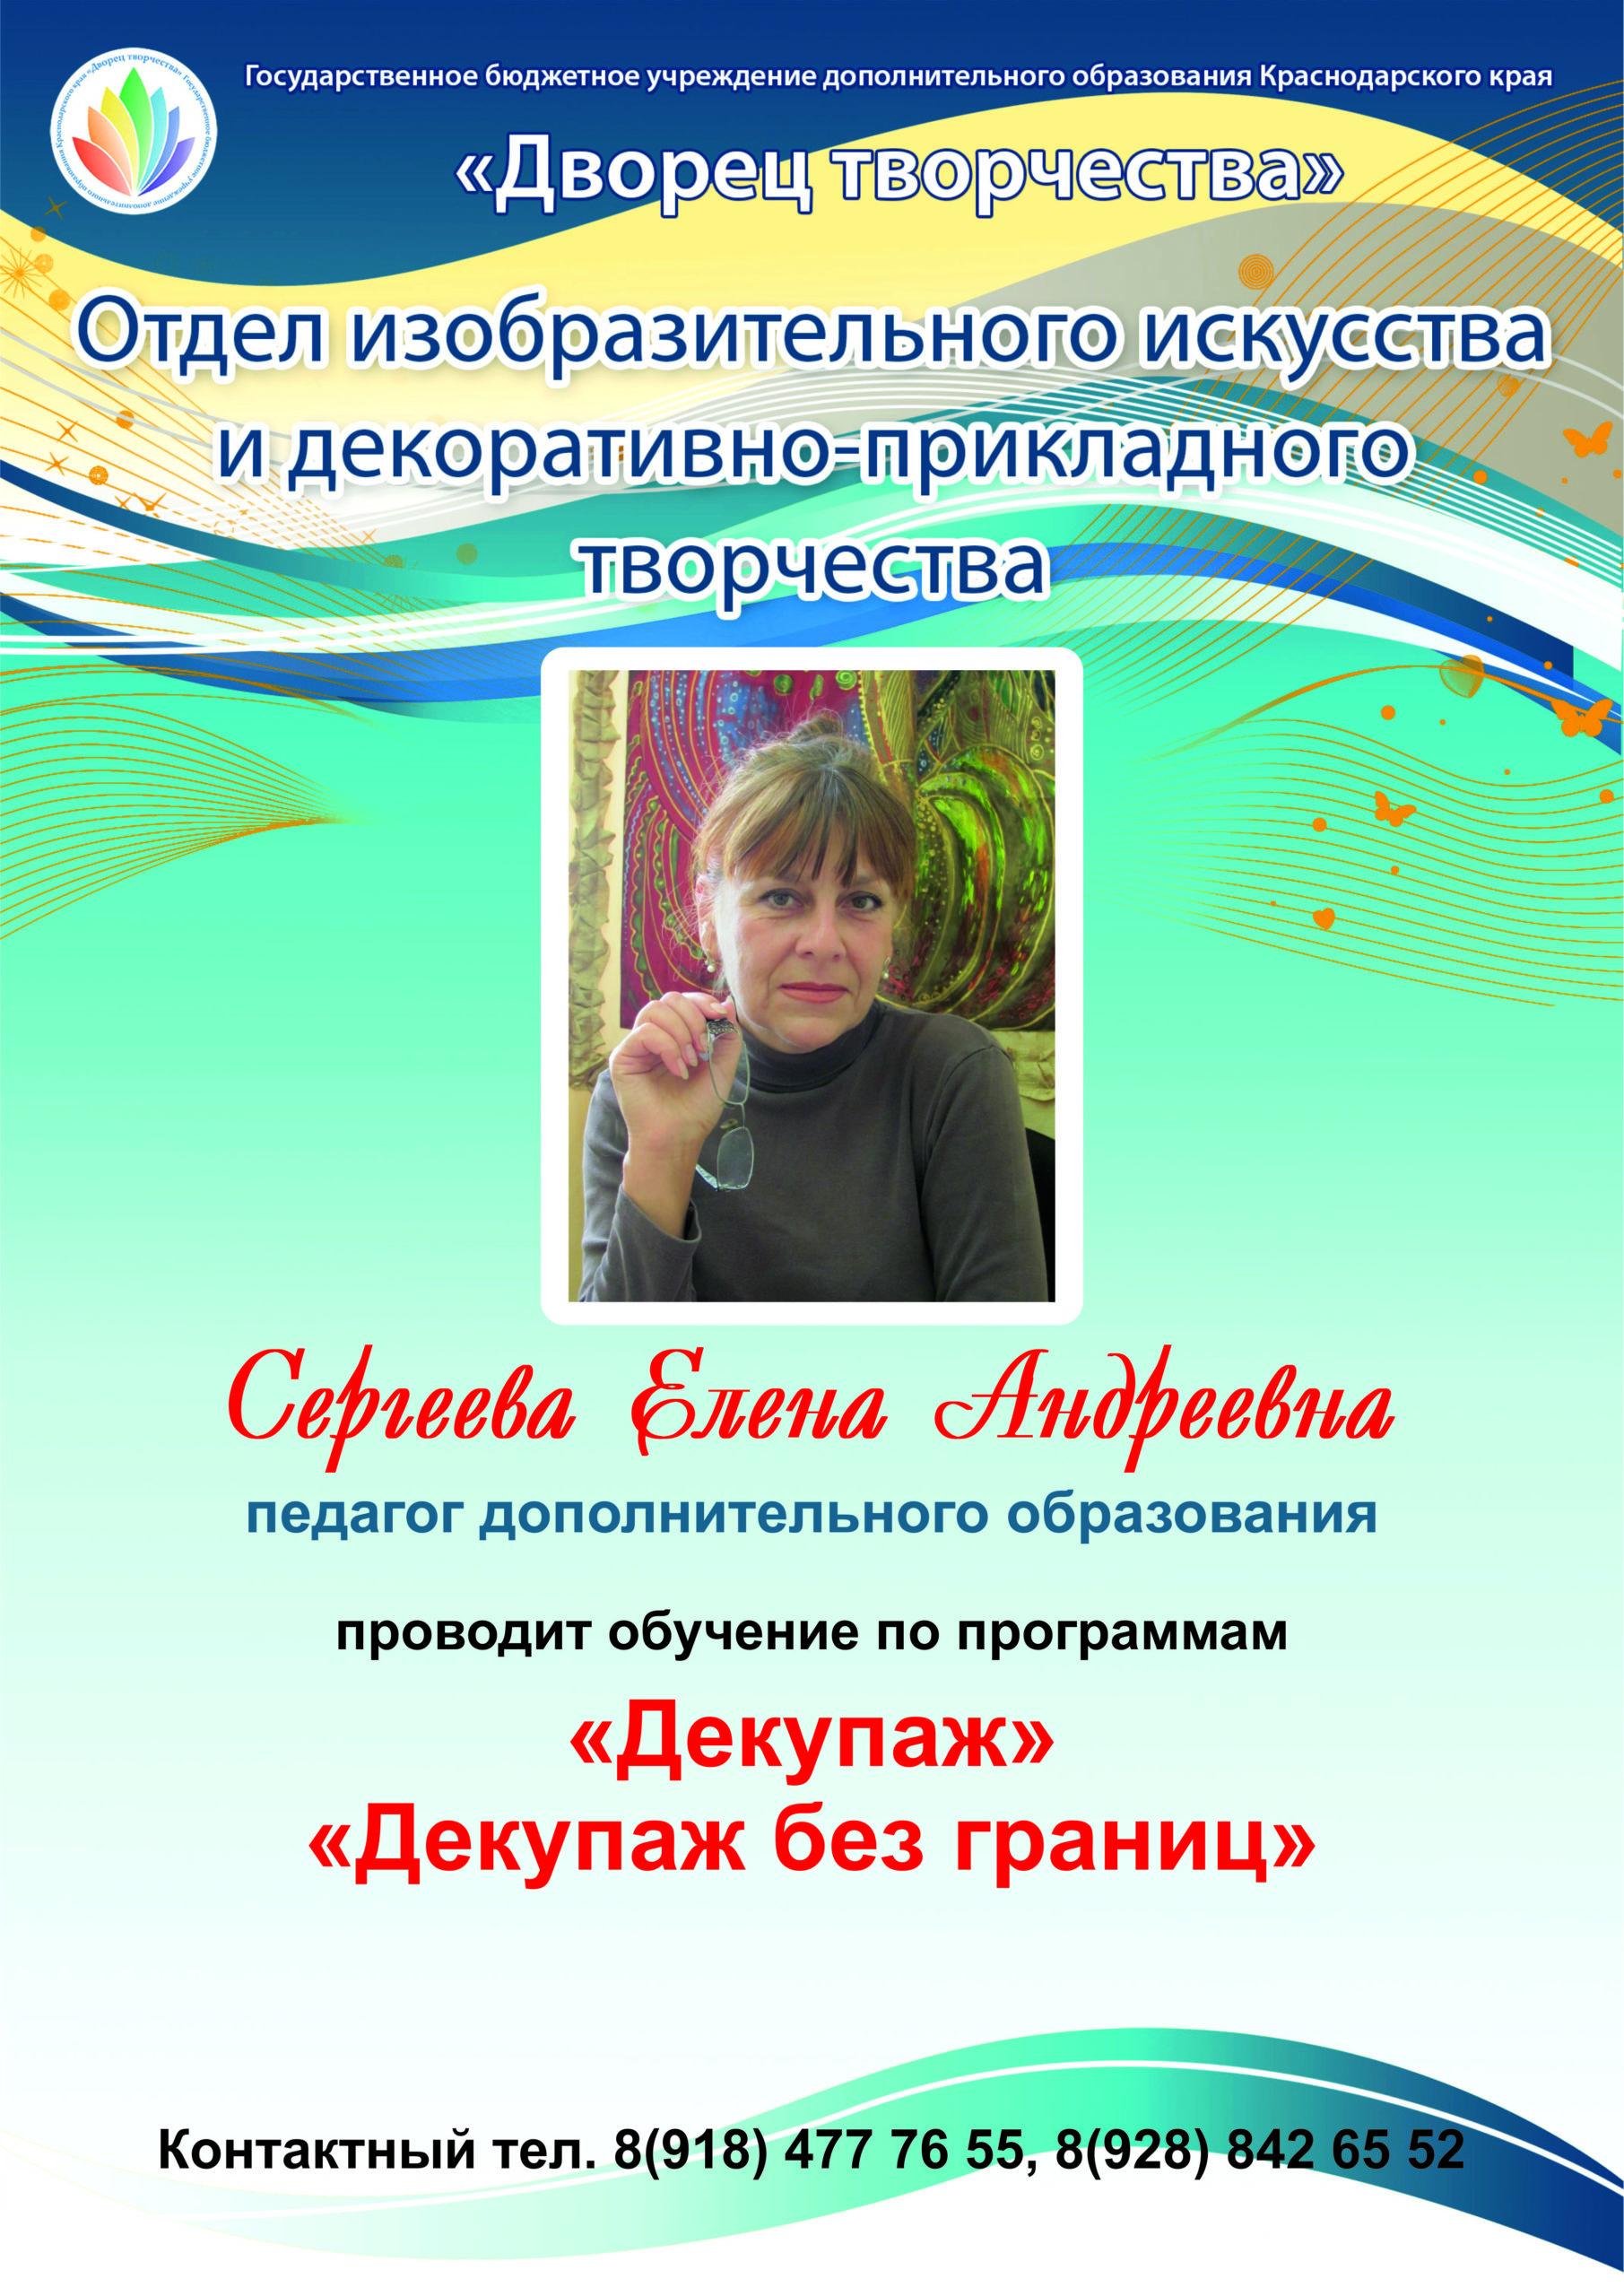 Афиша-реклама Сергеева